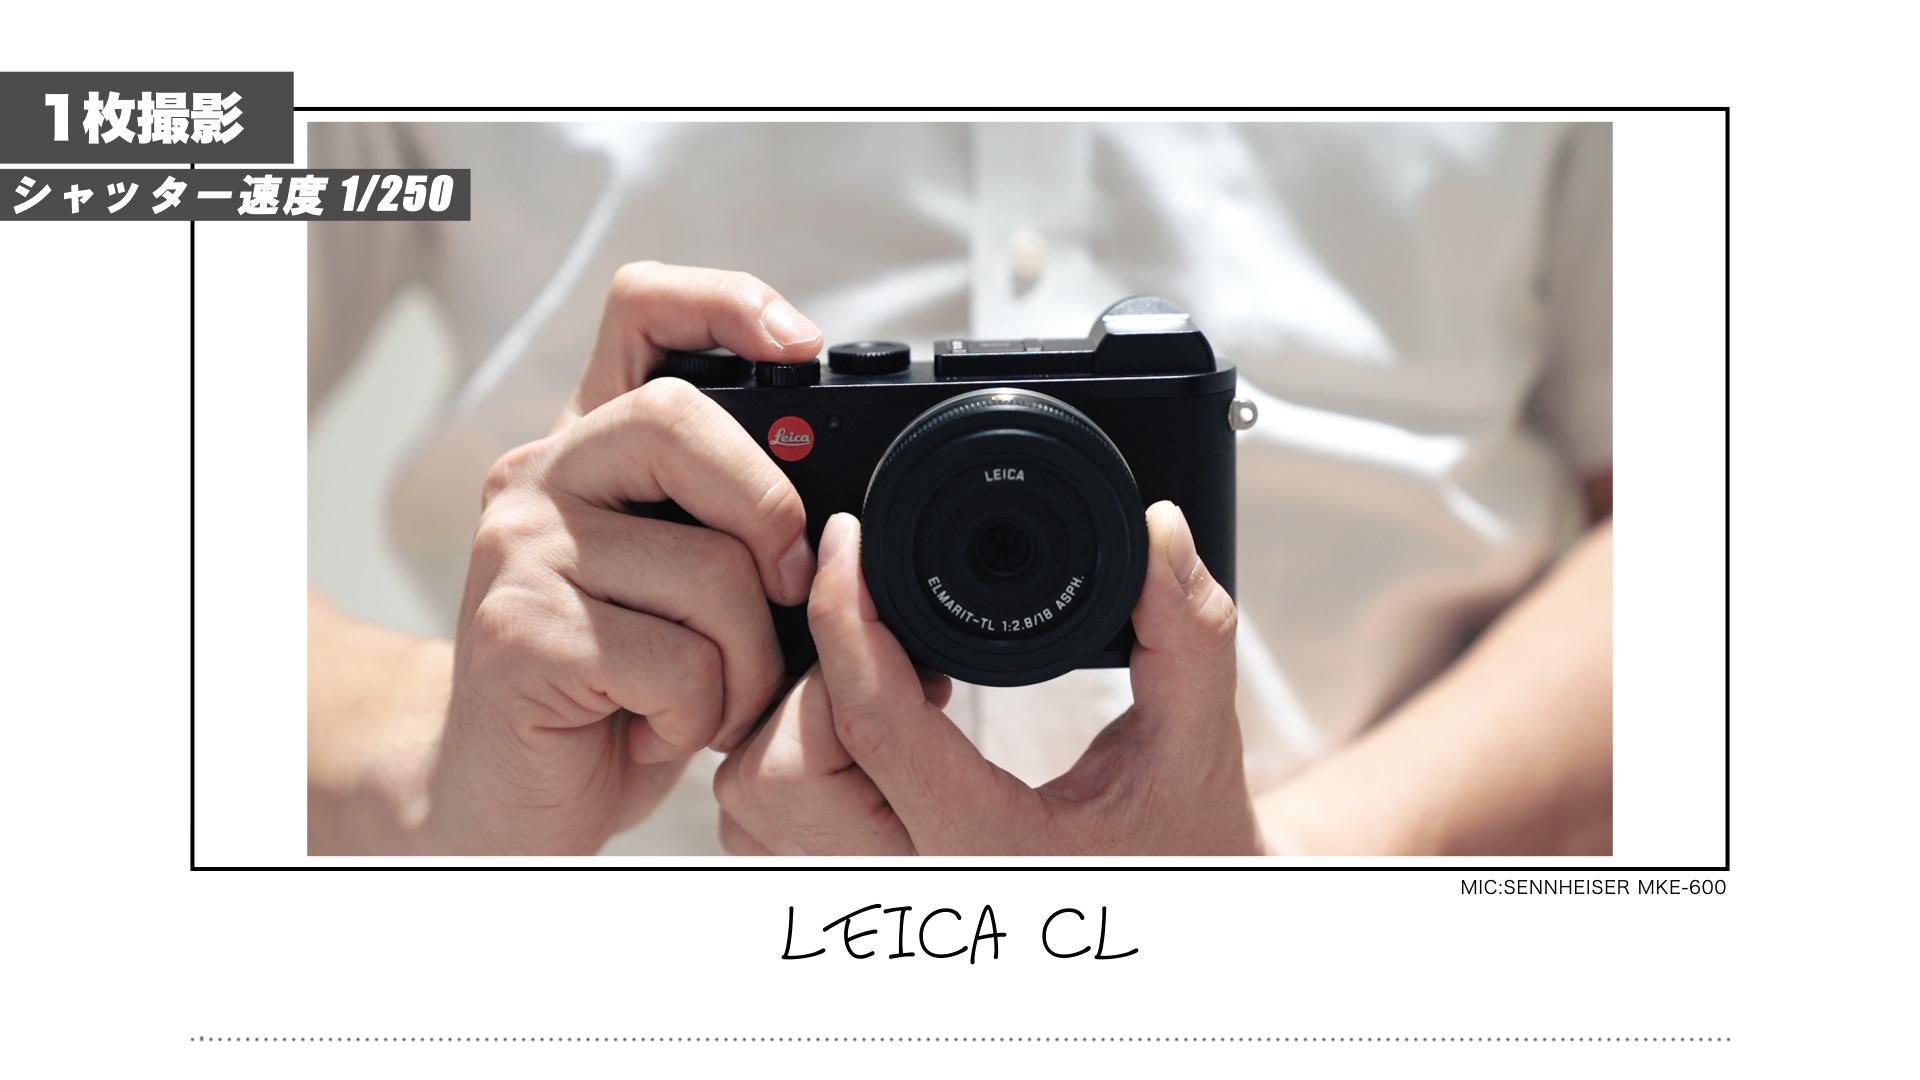 【シャッター音】Leica・SONYを聞き比べ  M10-P・CL / α7SIII